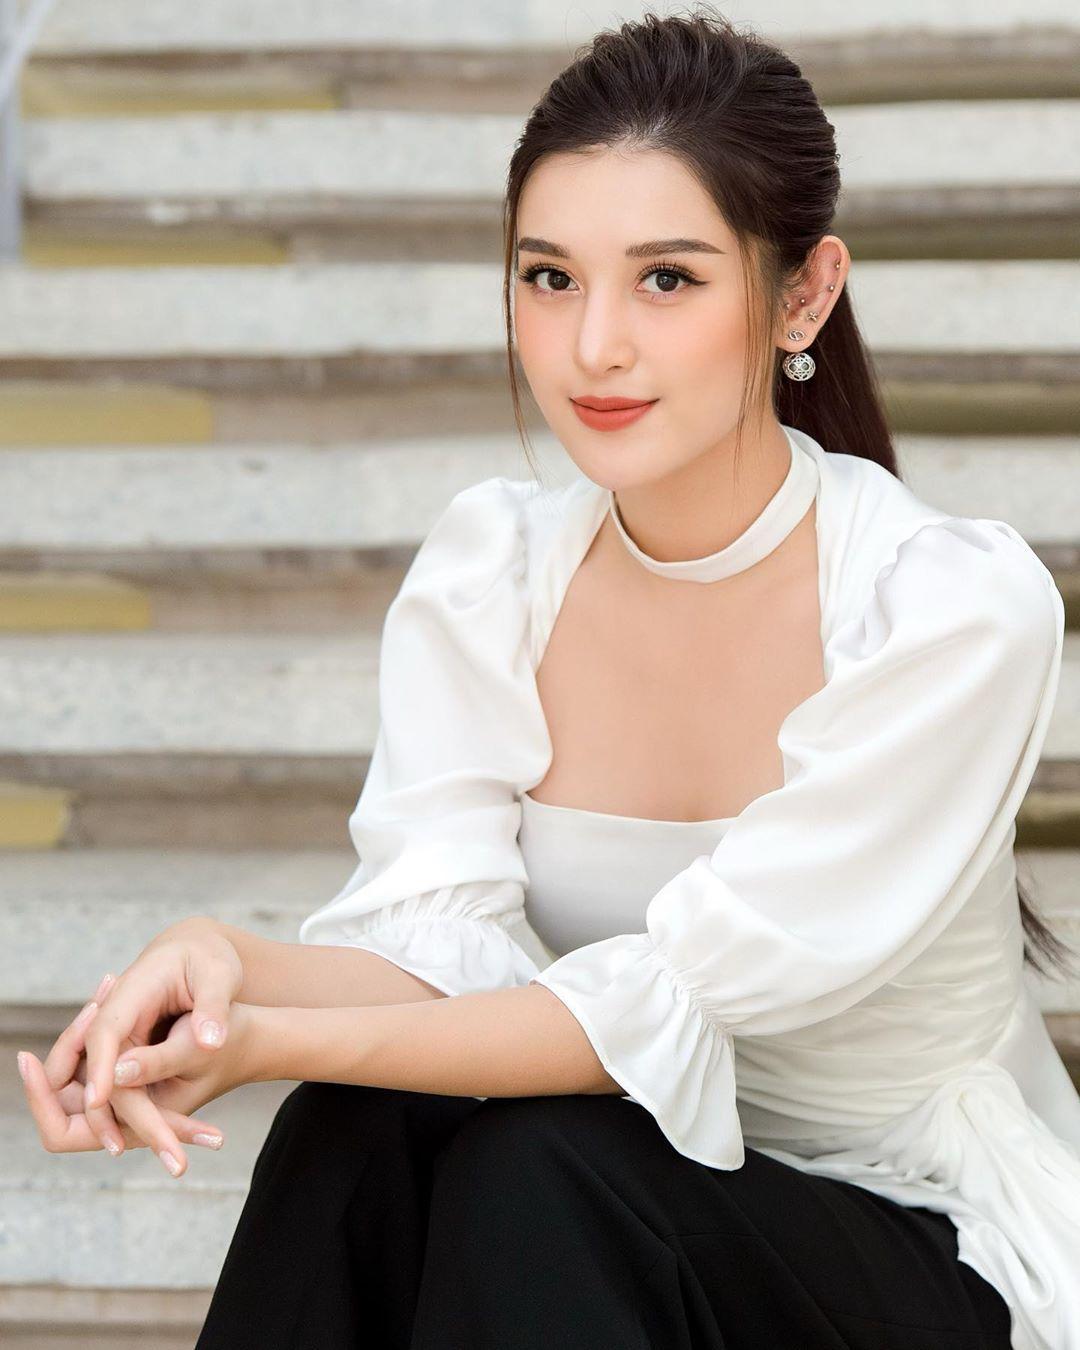 Diện váy đơn sắc: Phương Khánh hóa quý cô đài các - Tiểu Vy xinh đẹp hết phần thiên hạ Ảnh 7